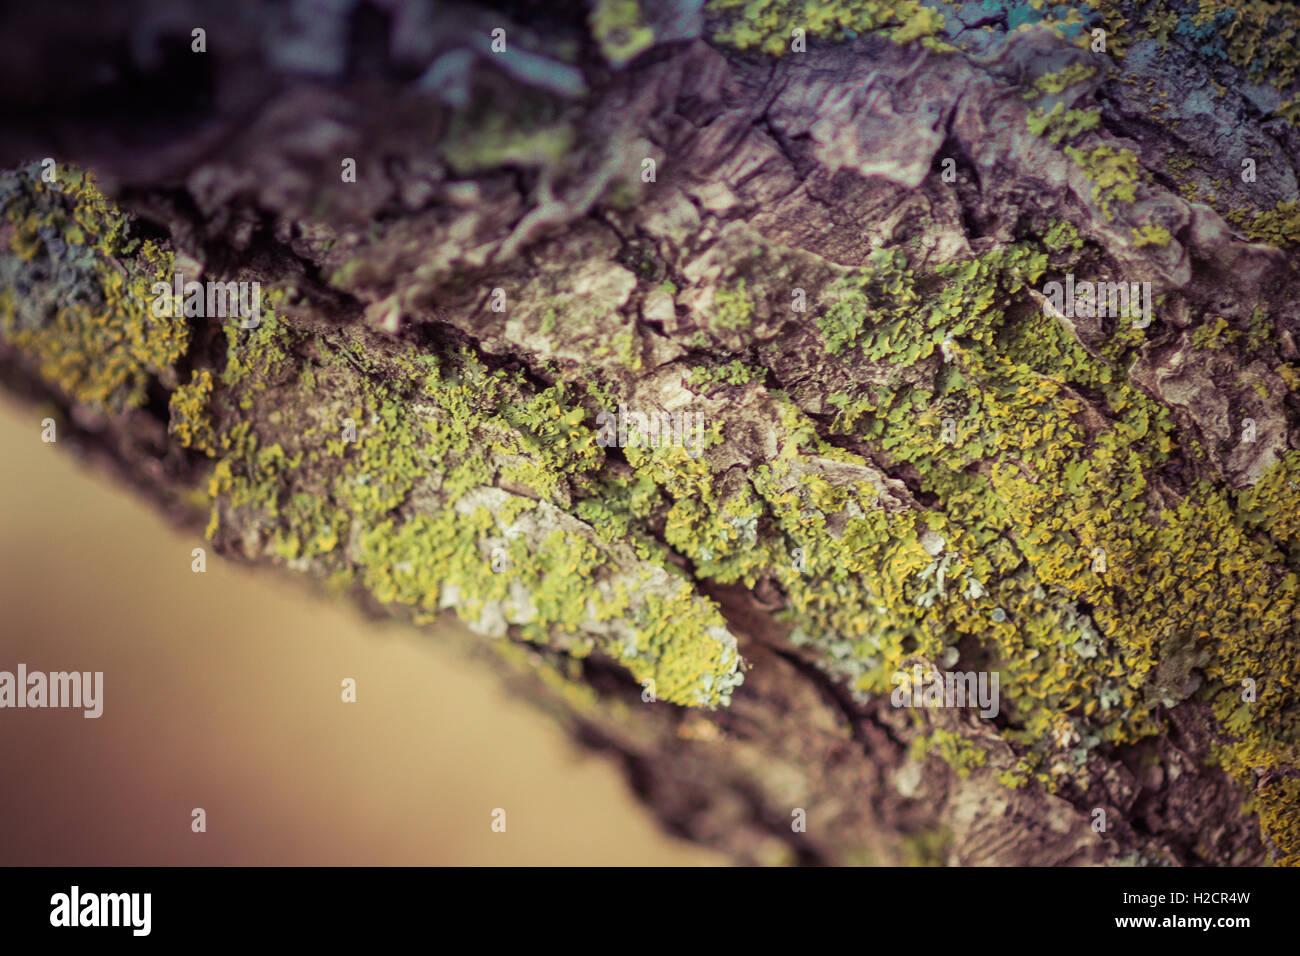 Mousse sur tronc d'arbre Photo Stock